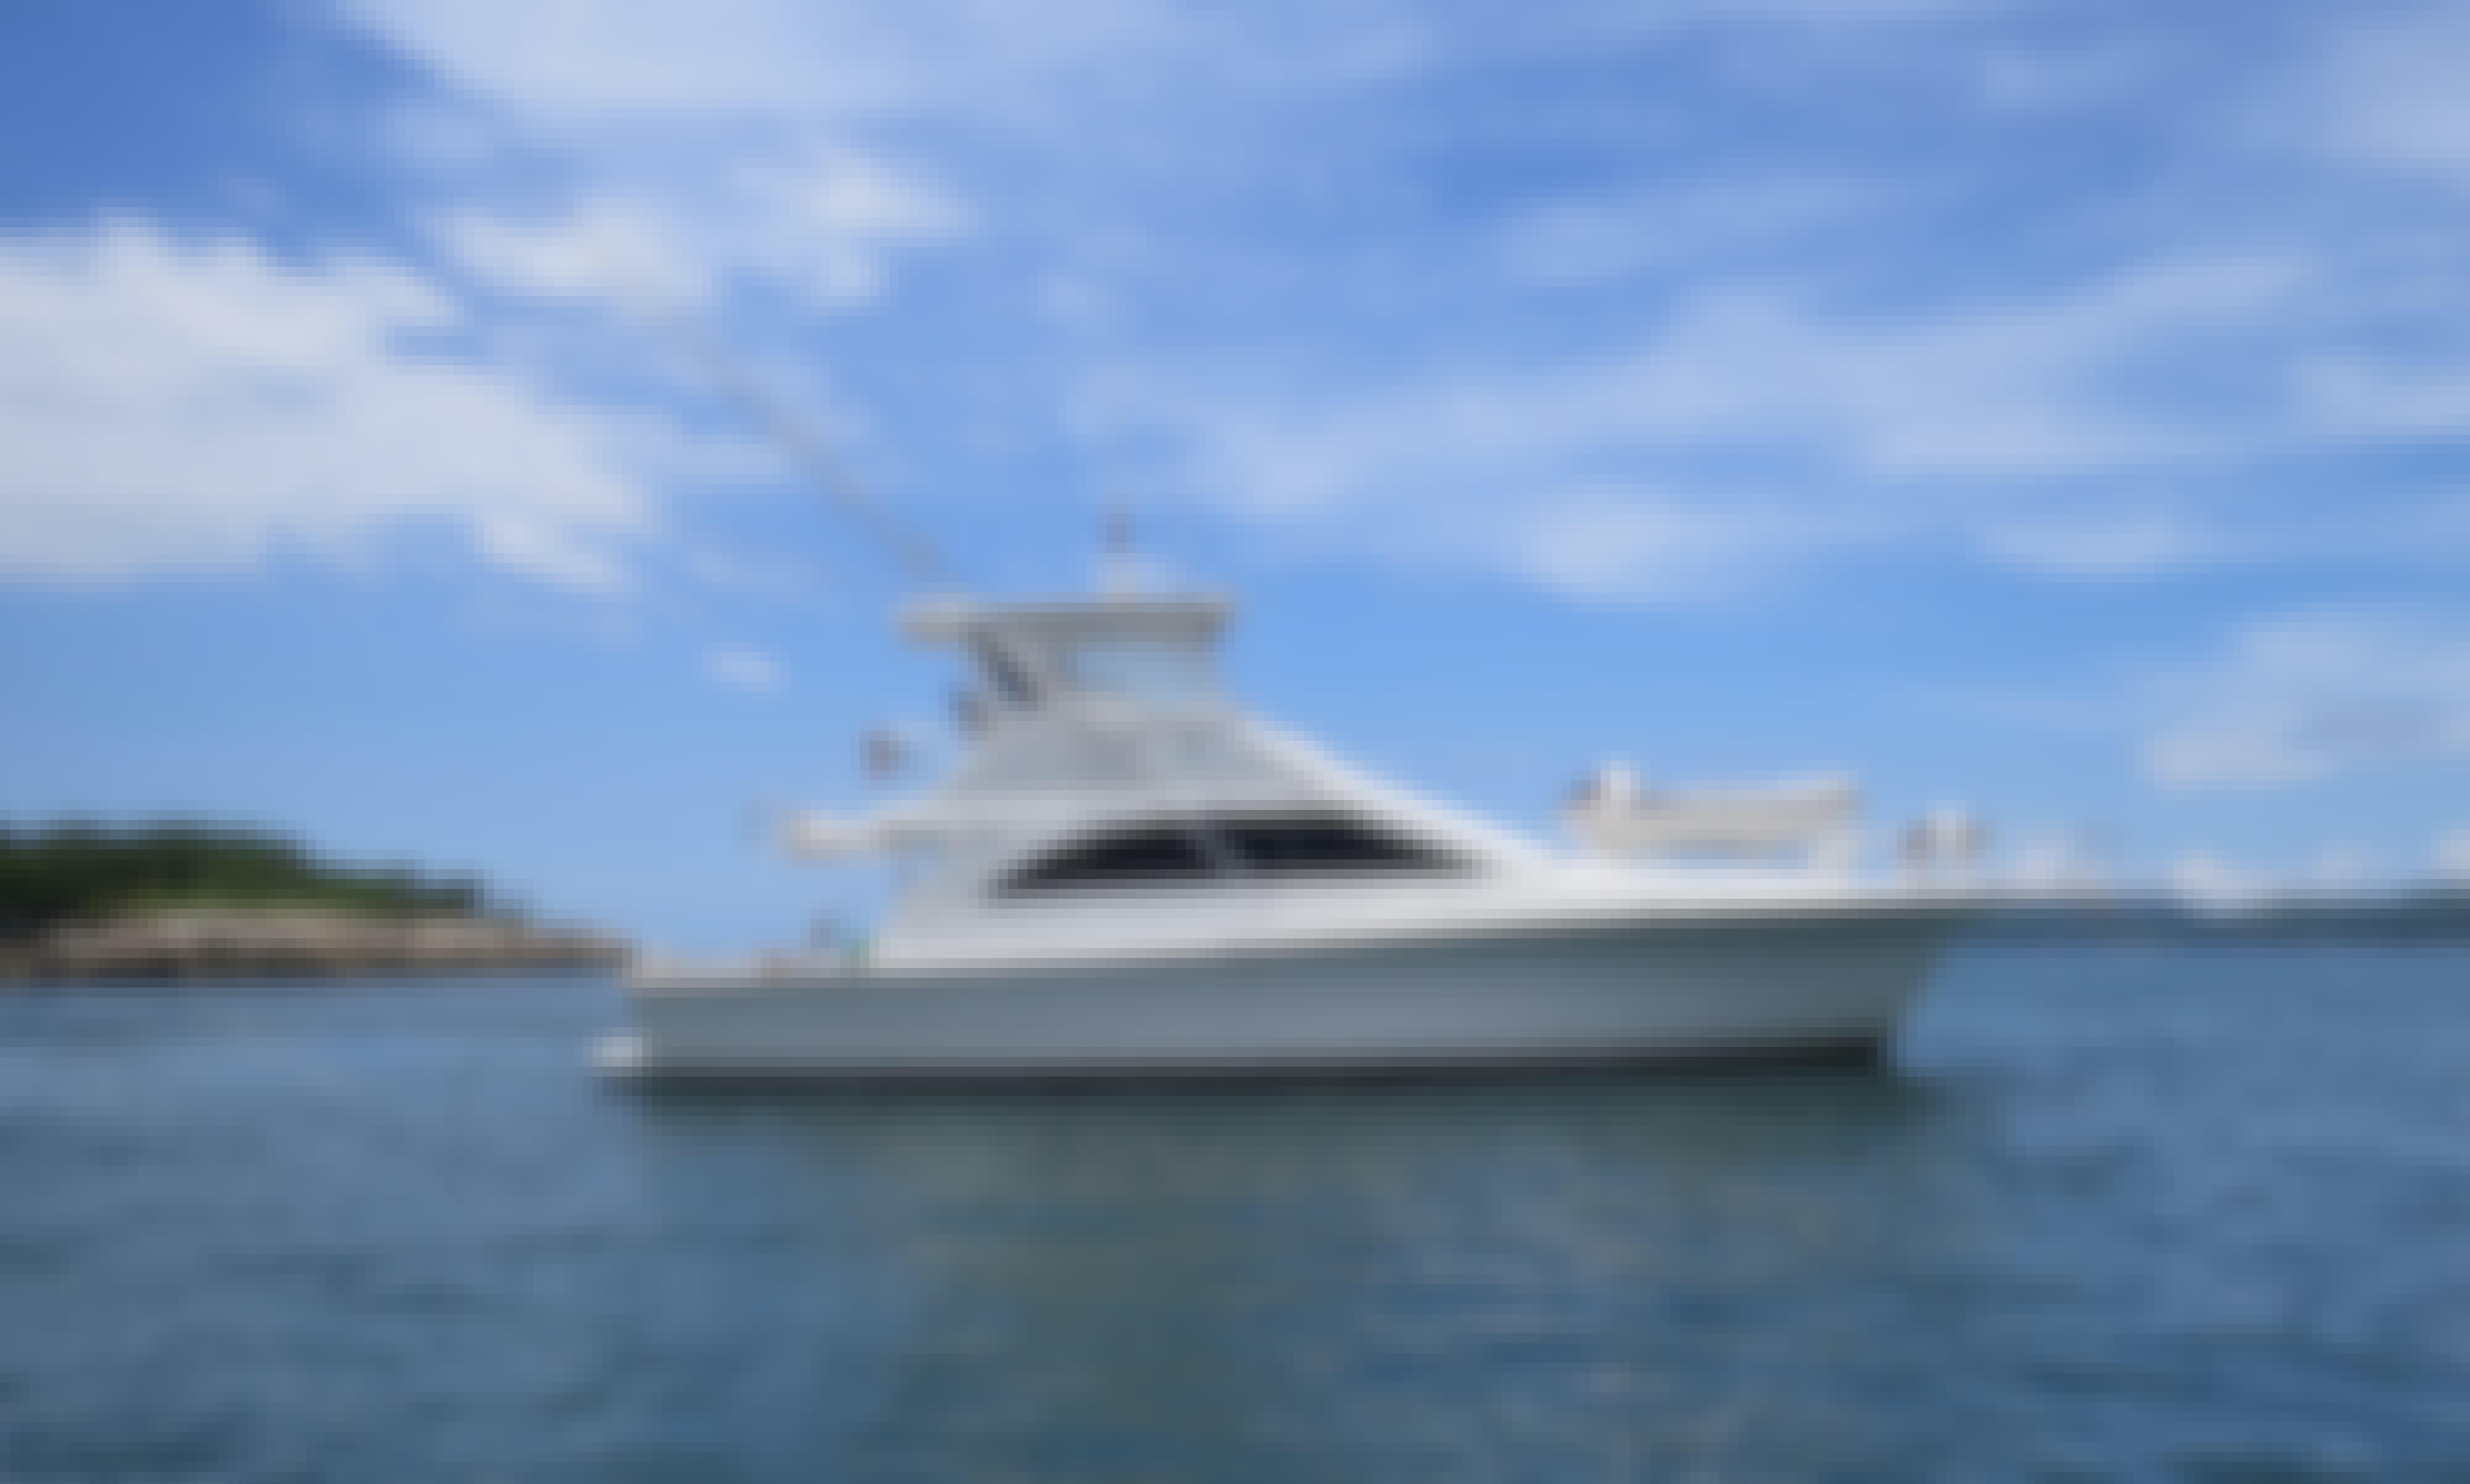 Mamacita 48ft Luxury Fishing Yacht - Playa Flamingo Costa Rica